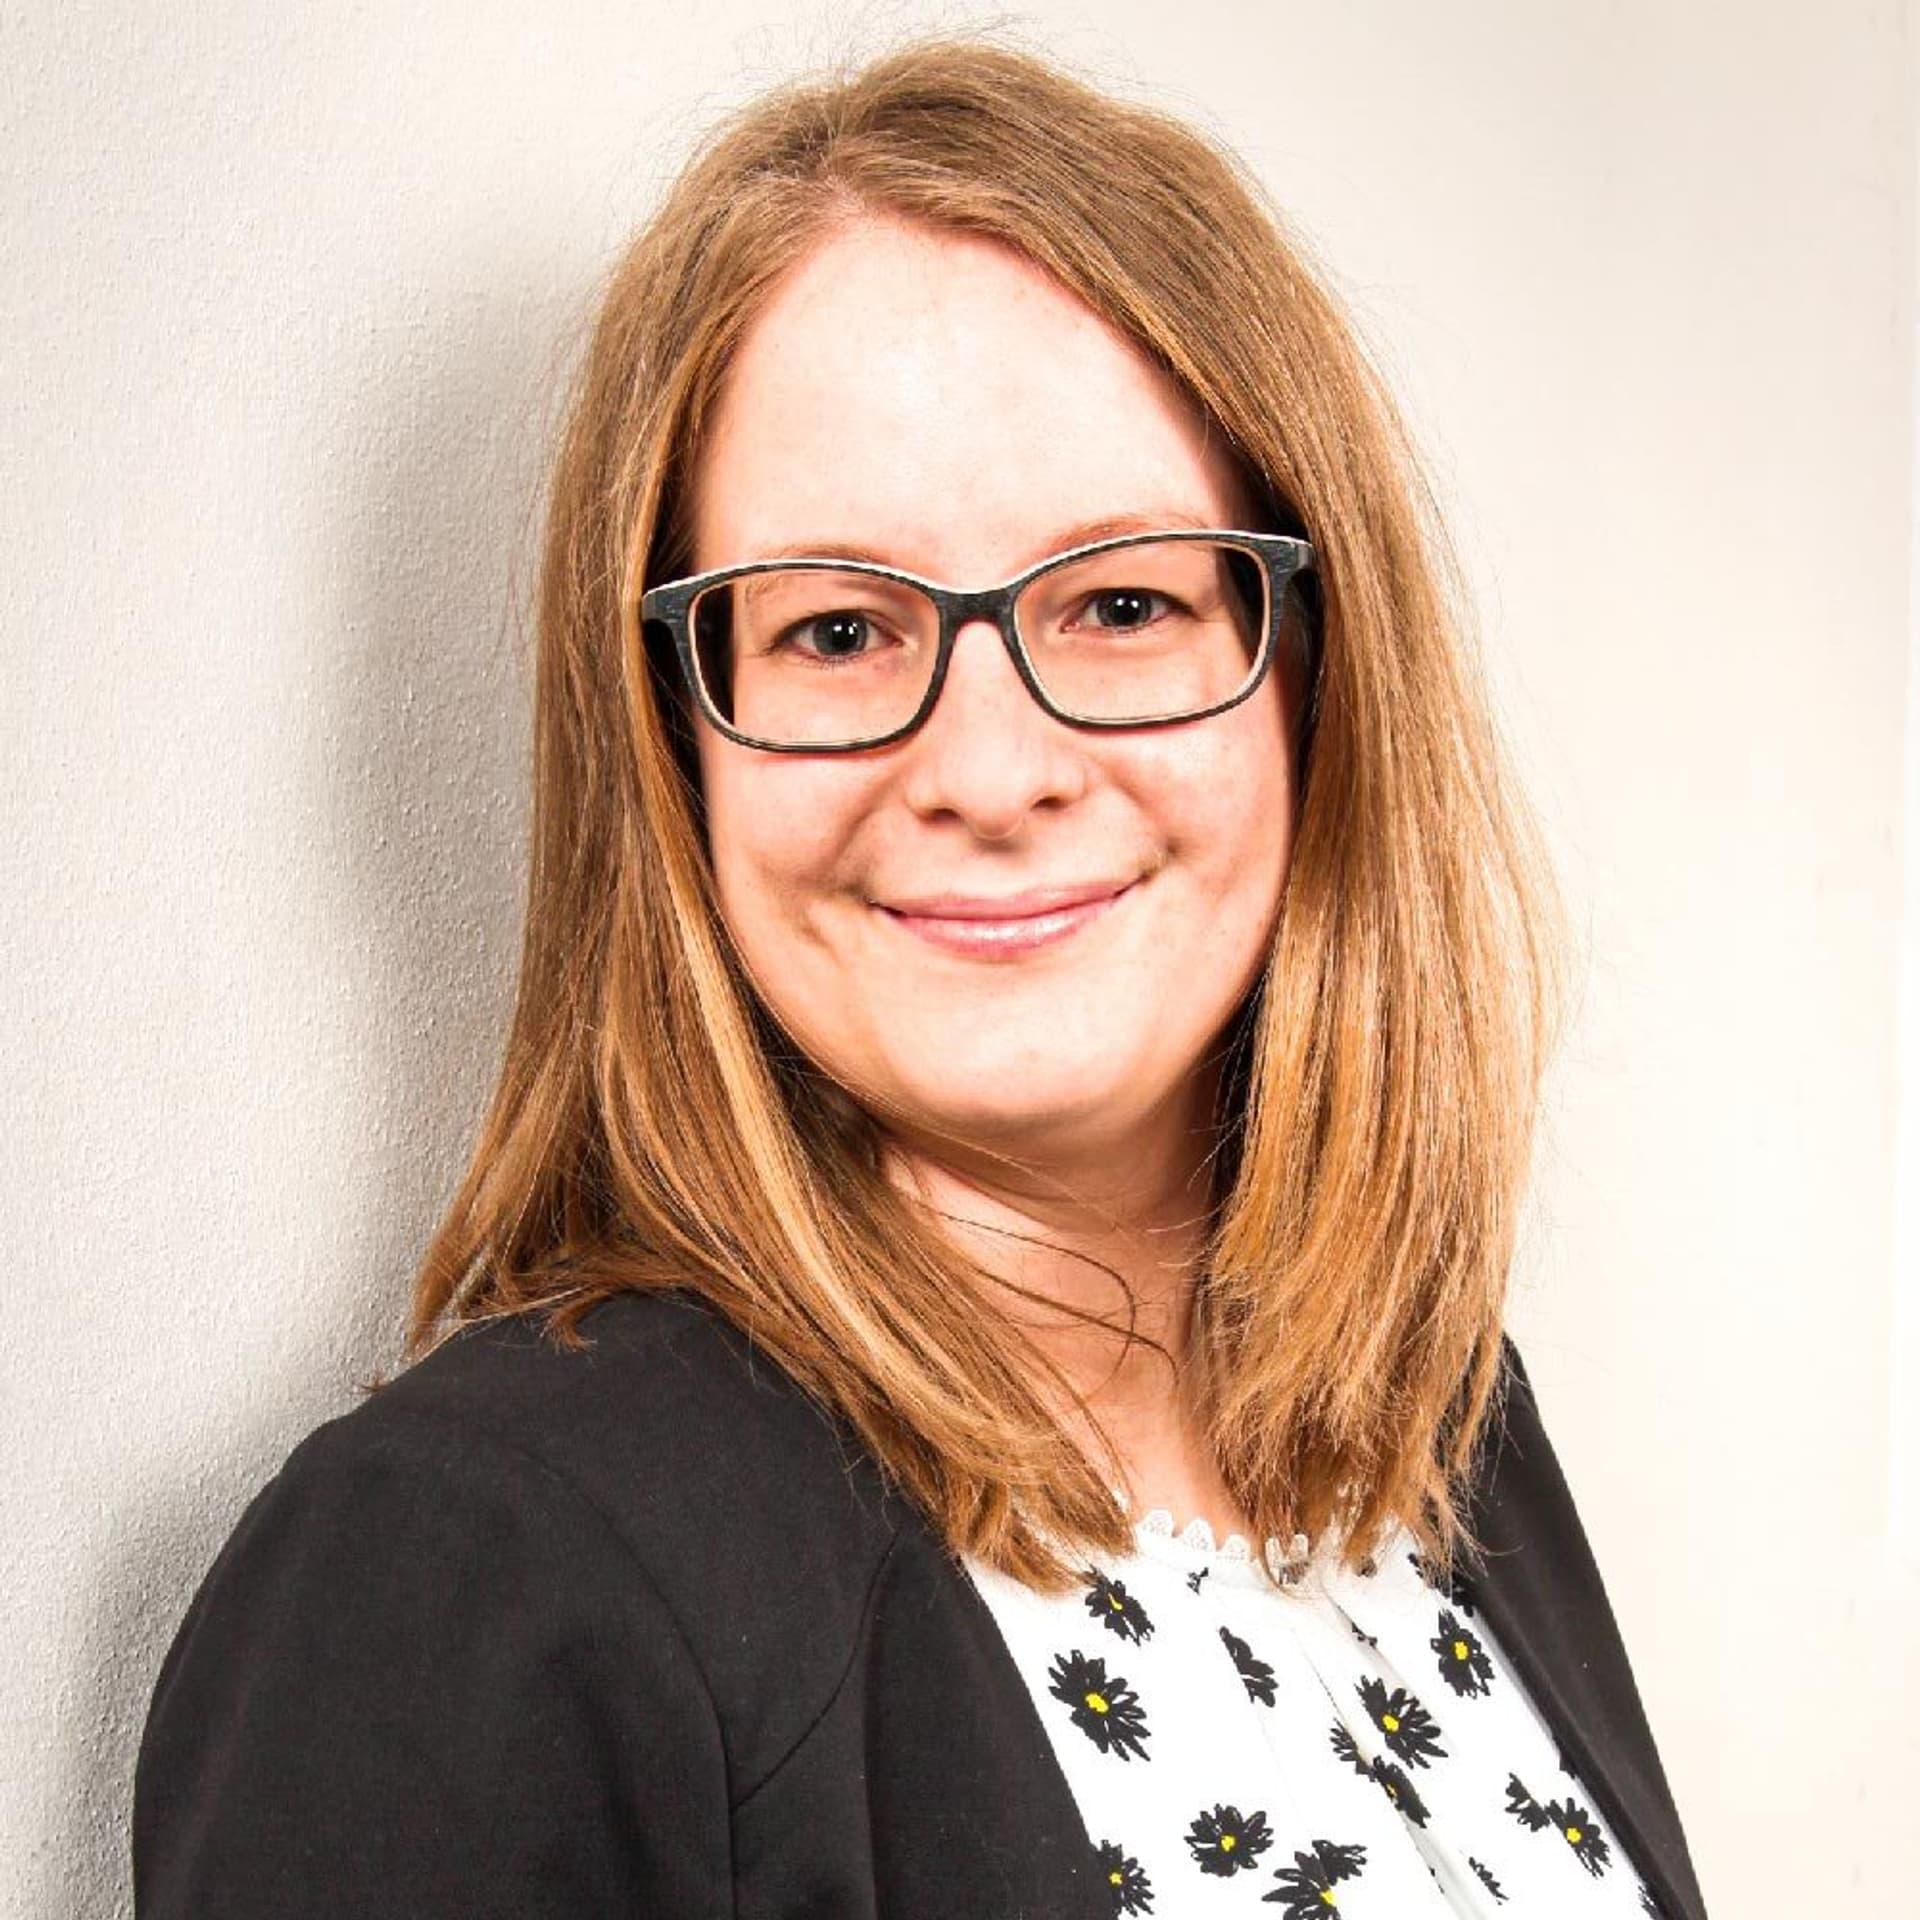 Veronika Schmölz: Frau mit halblangen Haaren und Brille